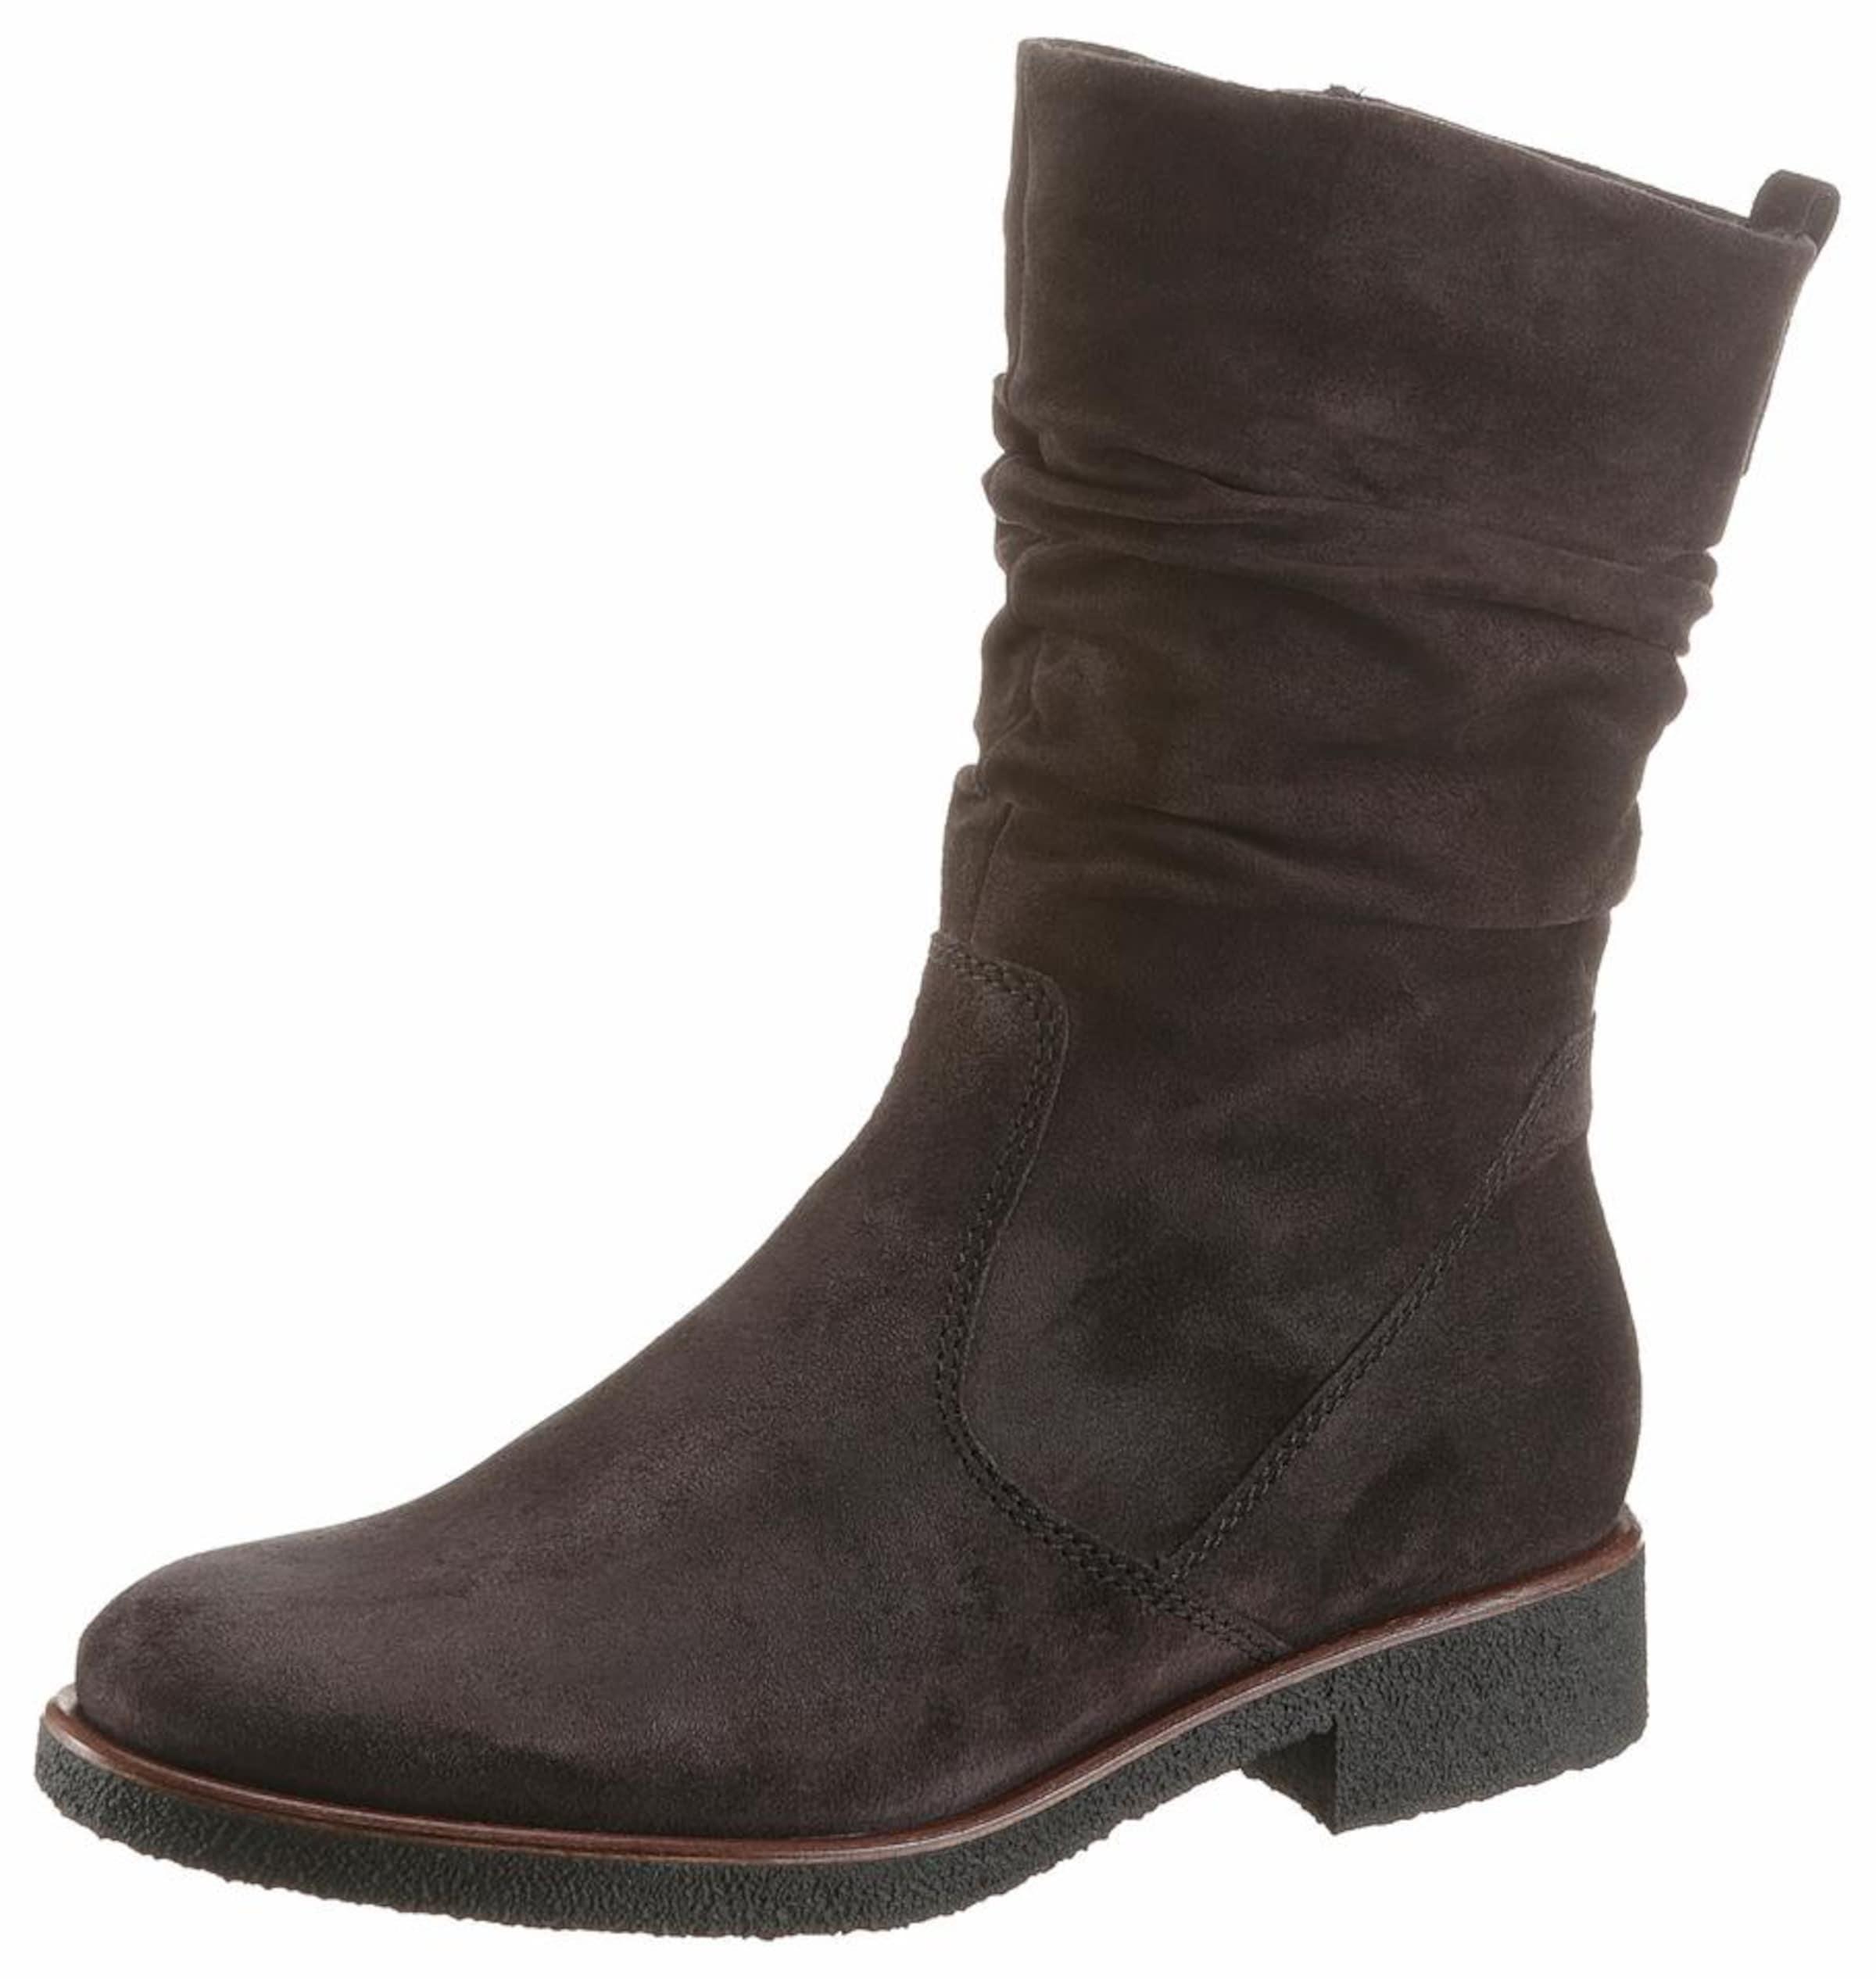 GABOR Kurzstiefel Verschleißfeste billige Schuhe Hohe Qualität